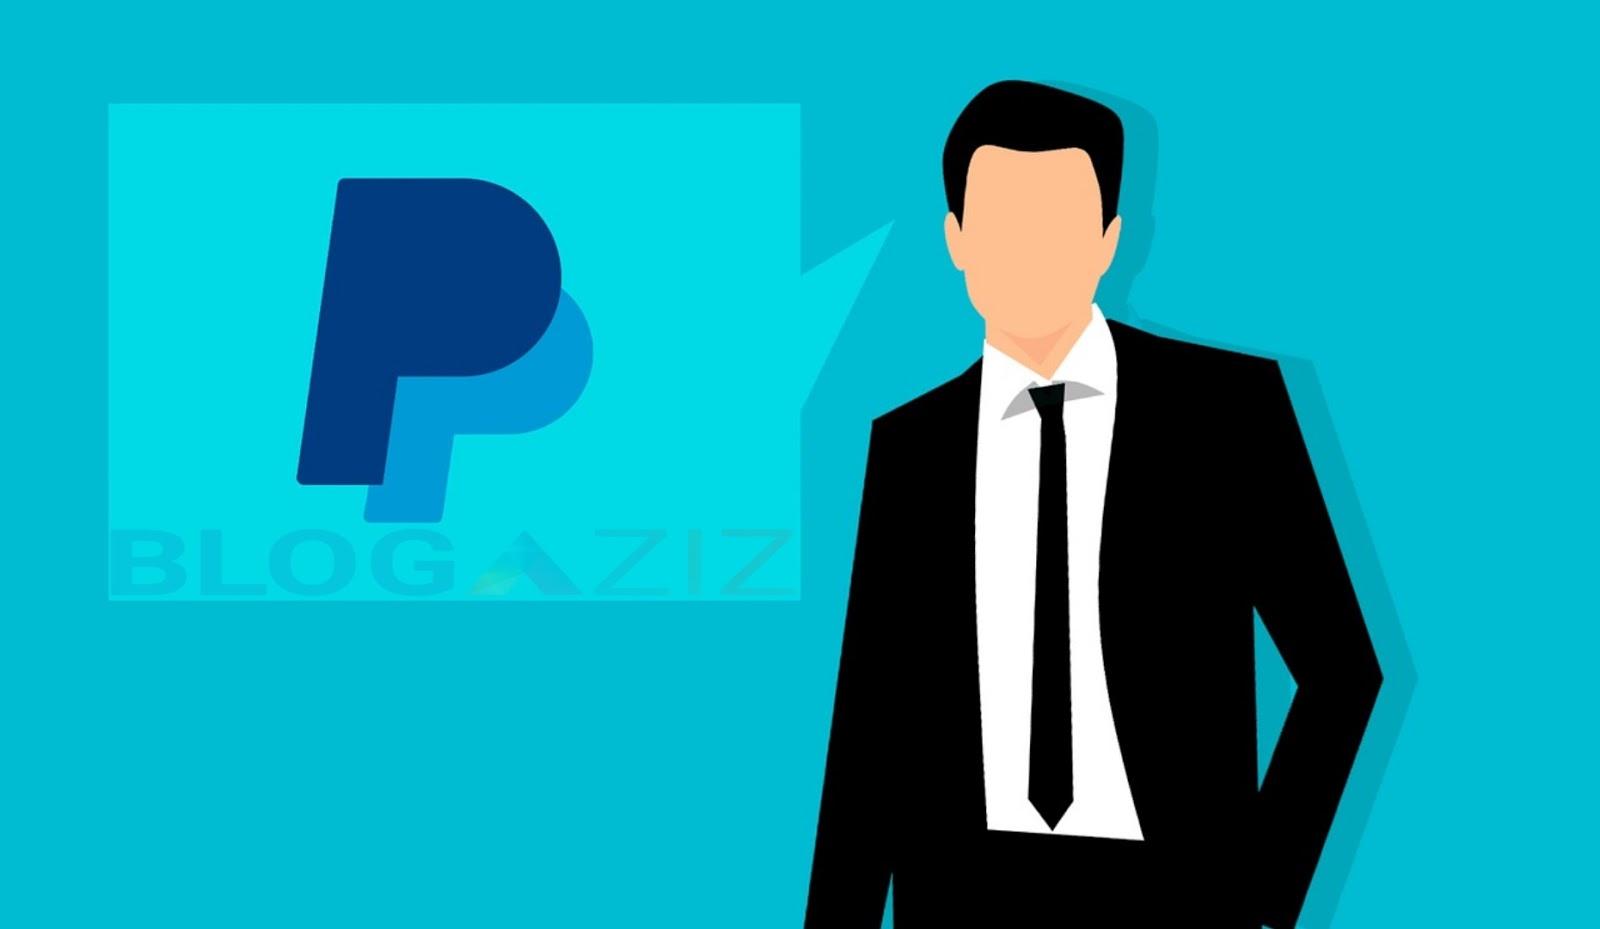 Butuh Saldo Paypal? Silakan Kunjungi Blog ini, Rate 14.400 per Dollar